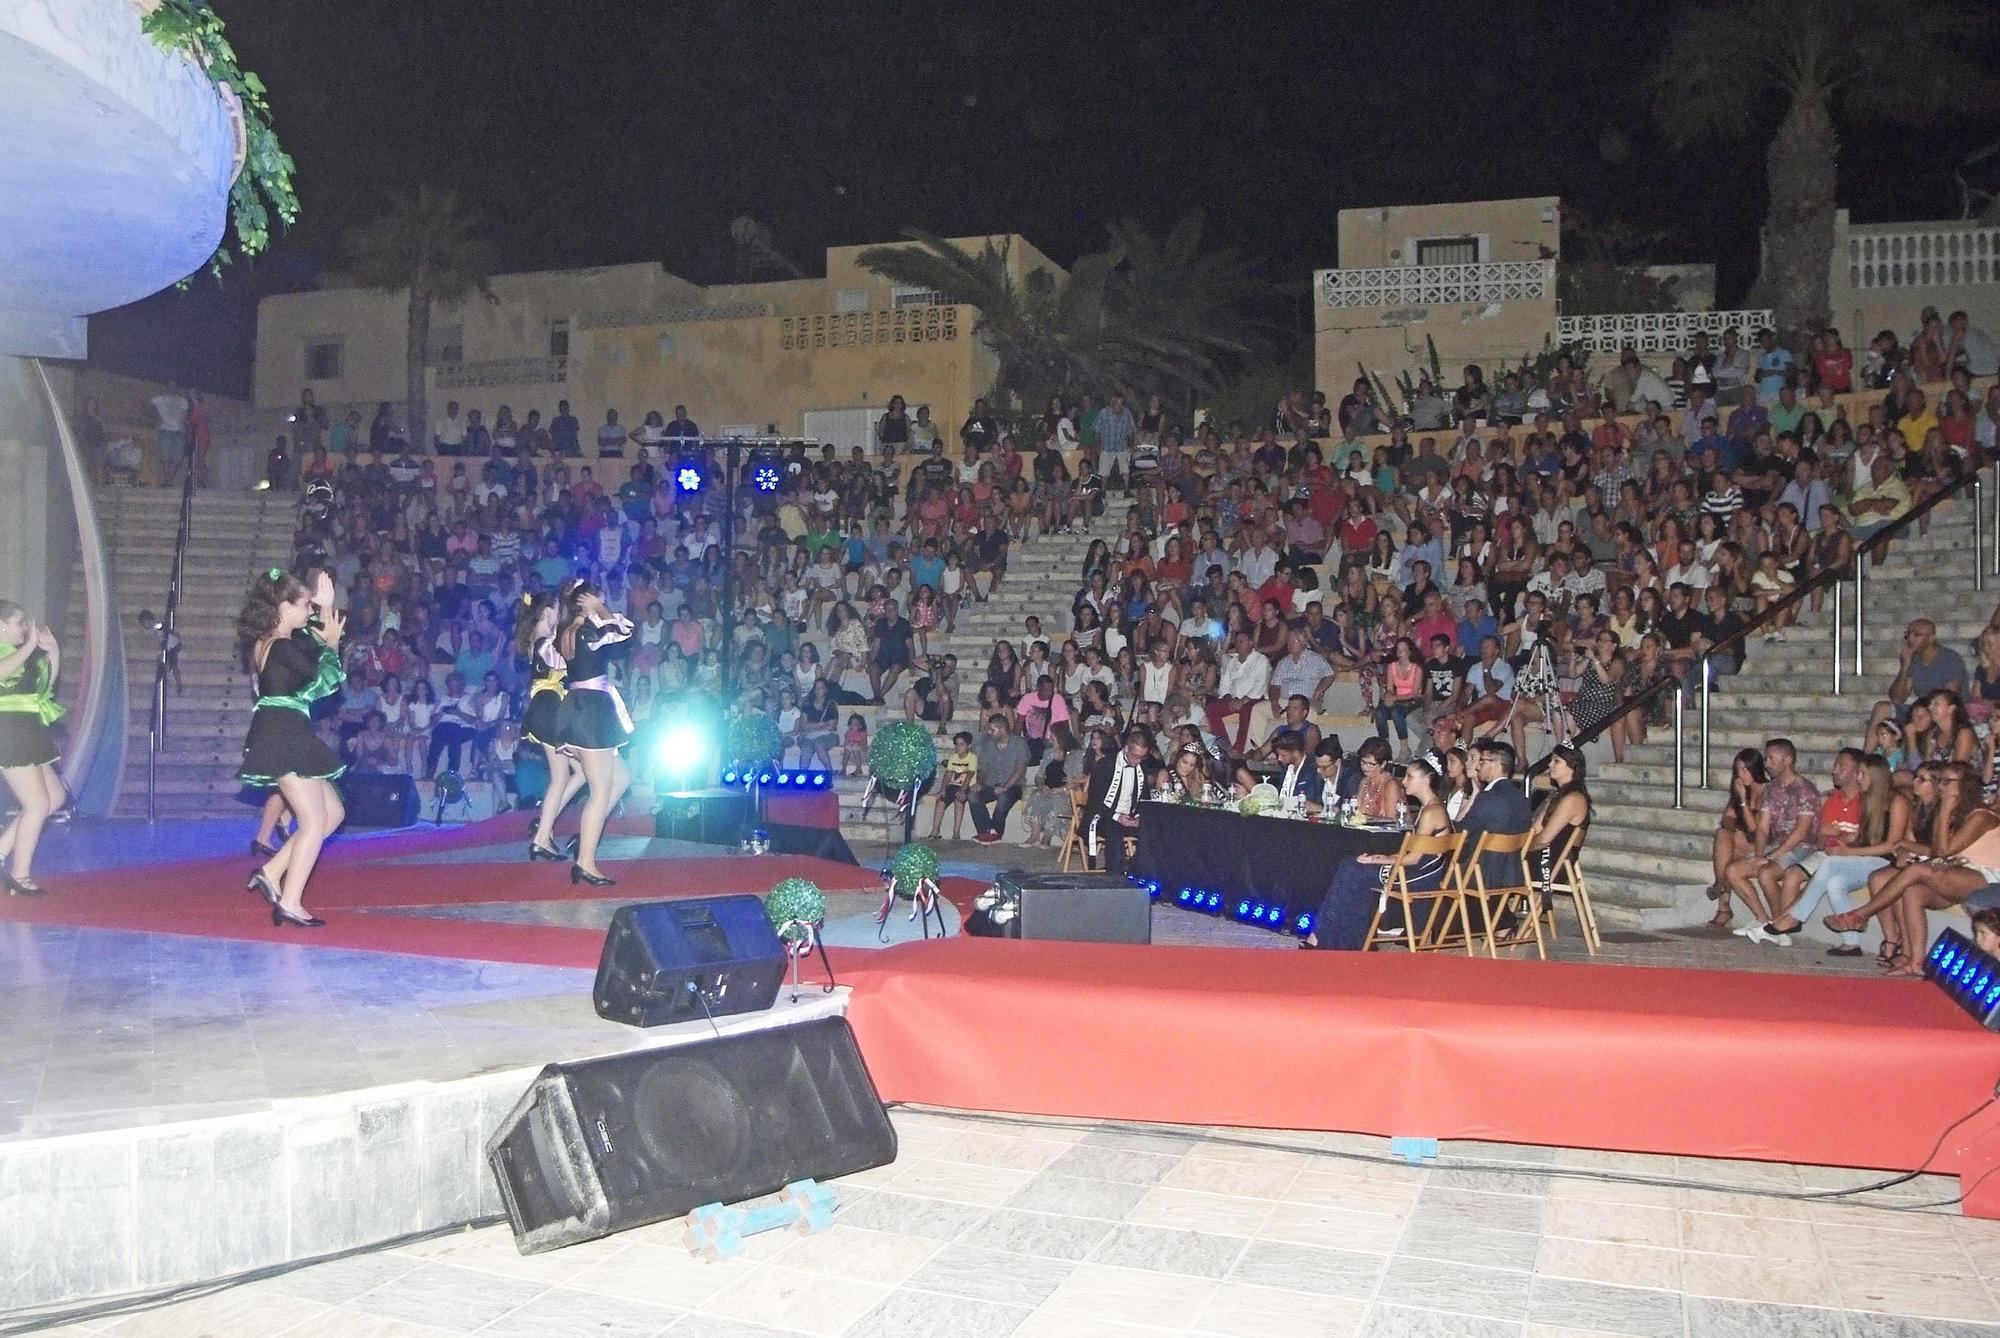 Más de 1.000 personas asisten a la Pregala Dama y Caballero Almería 2016 en el Anfiteatro de Roquetas